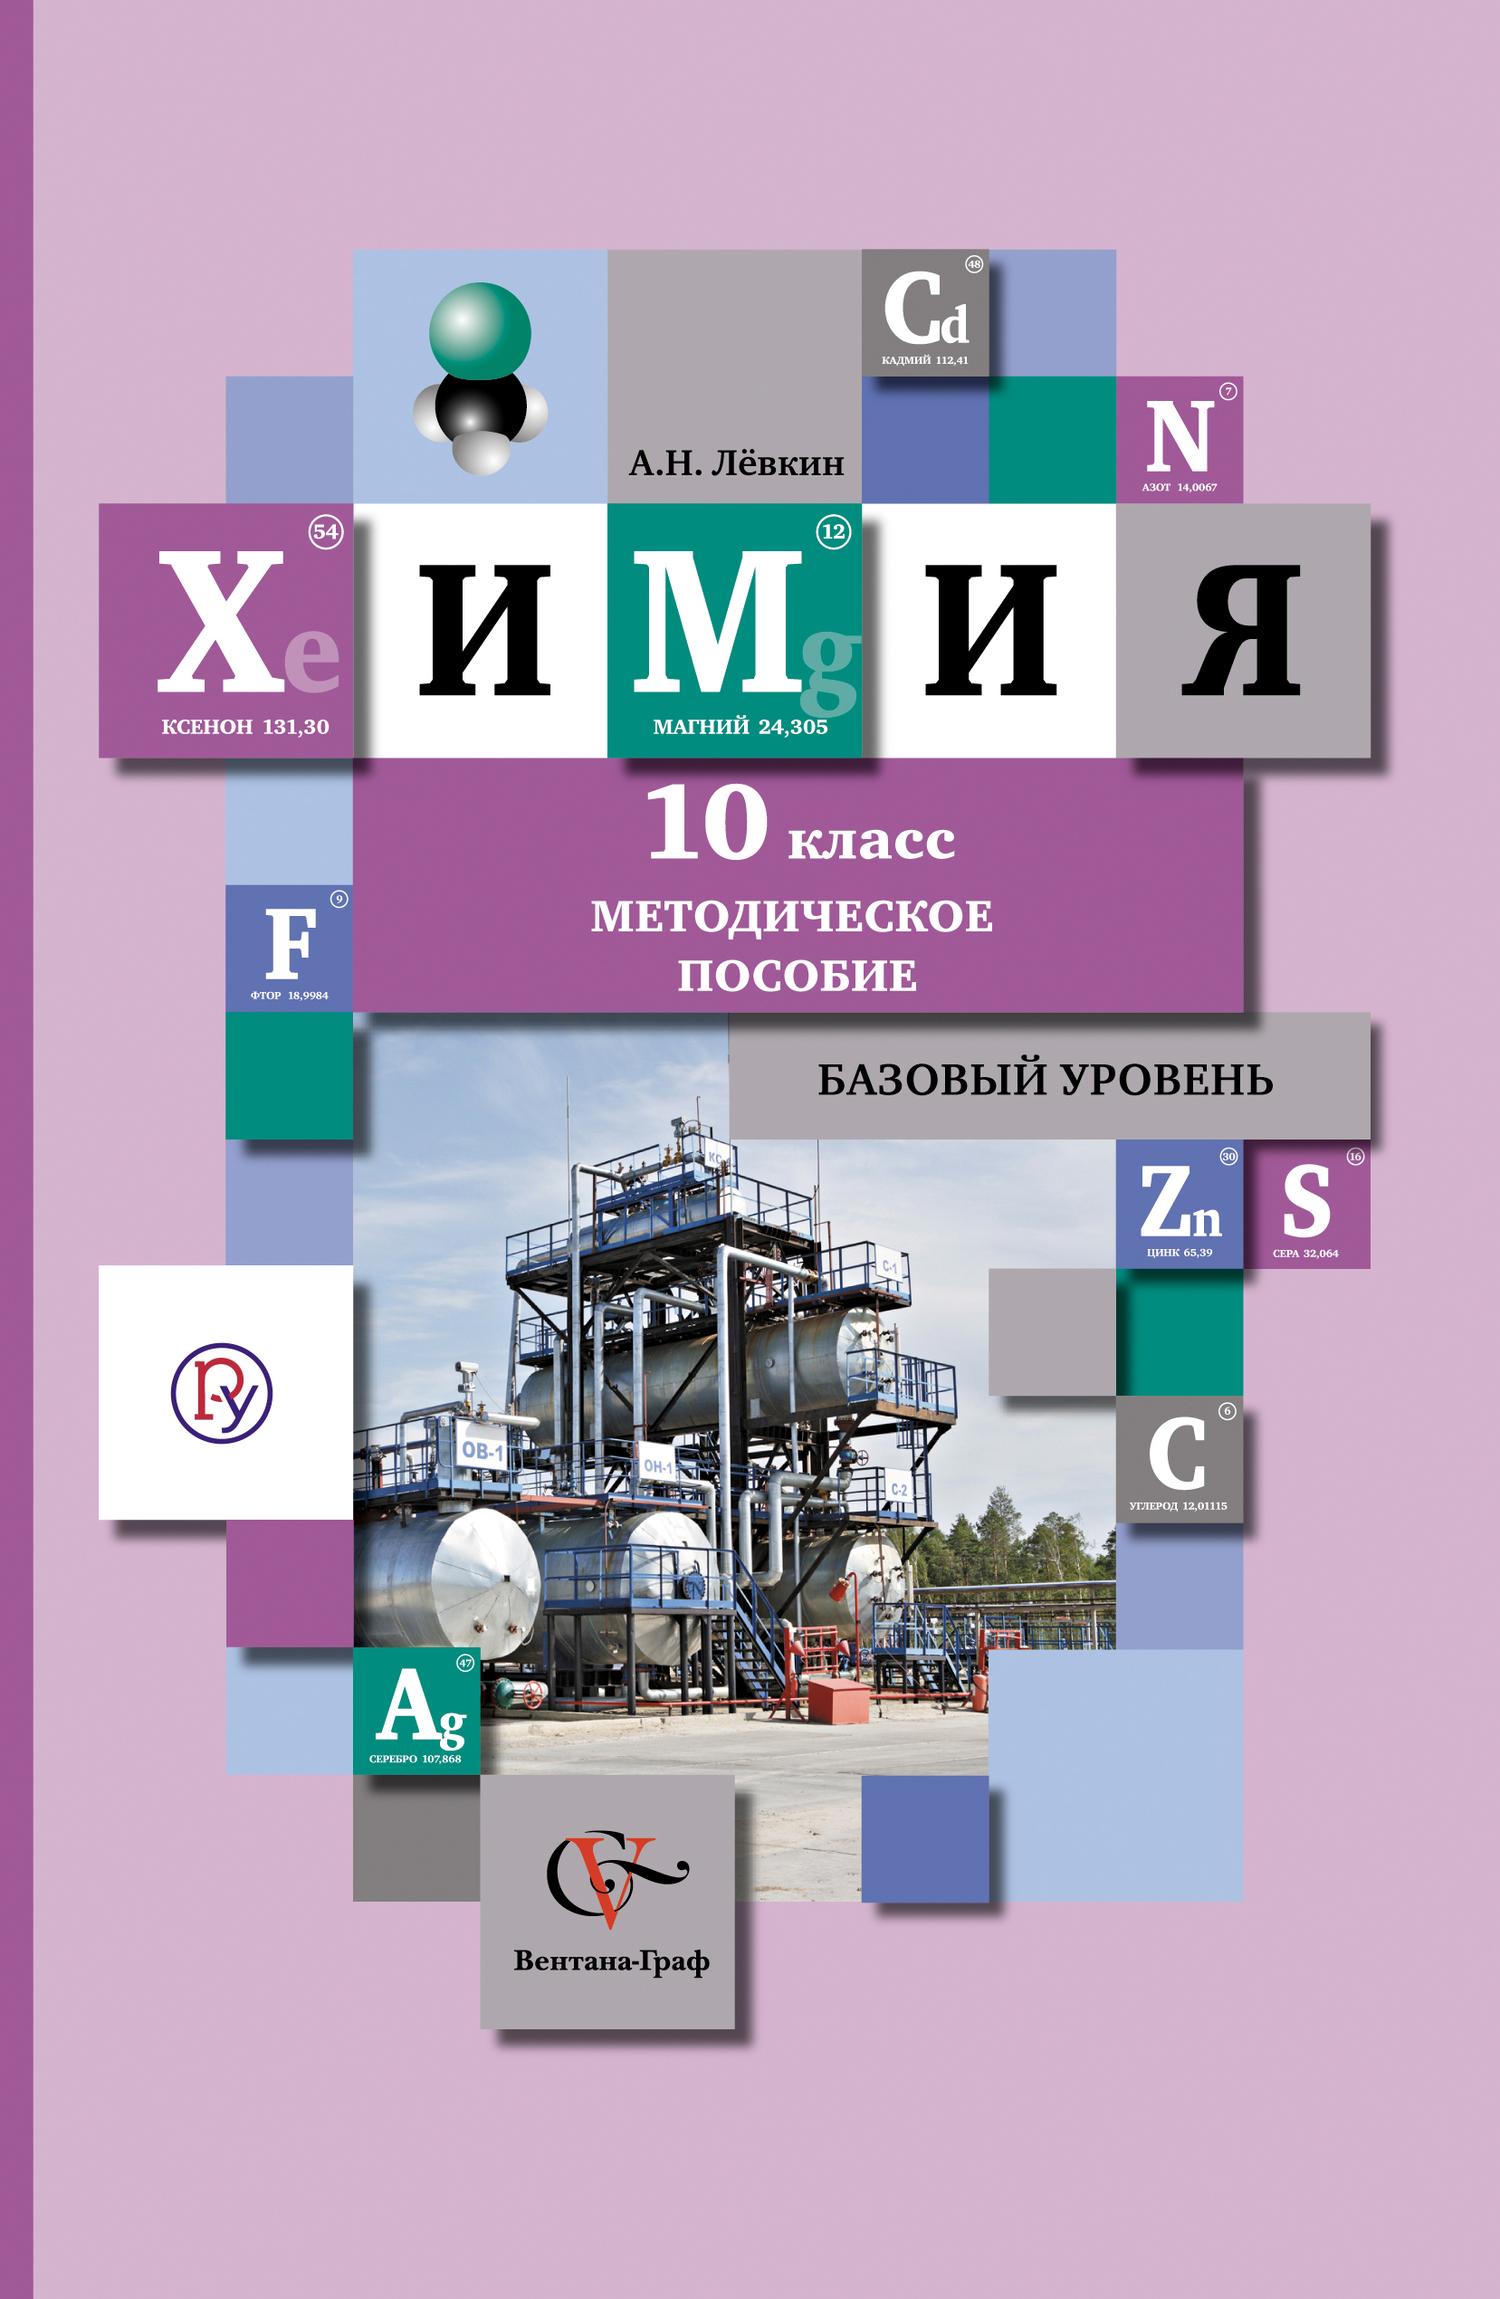 Уровень 10 кузнецова, химии по гдз базовый класс гара